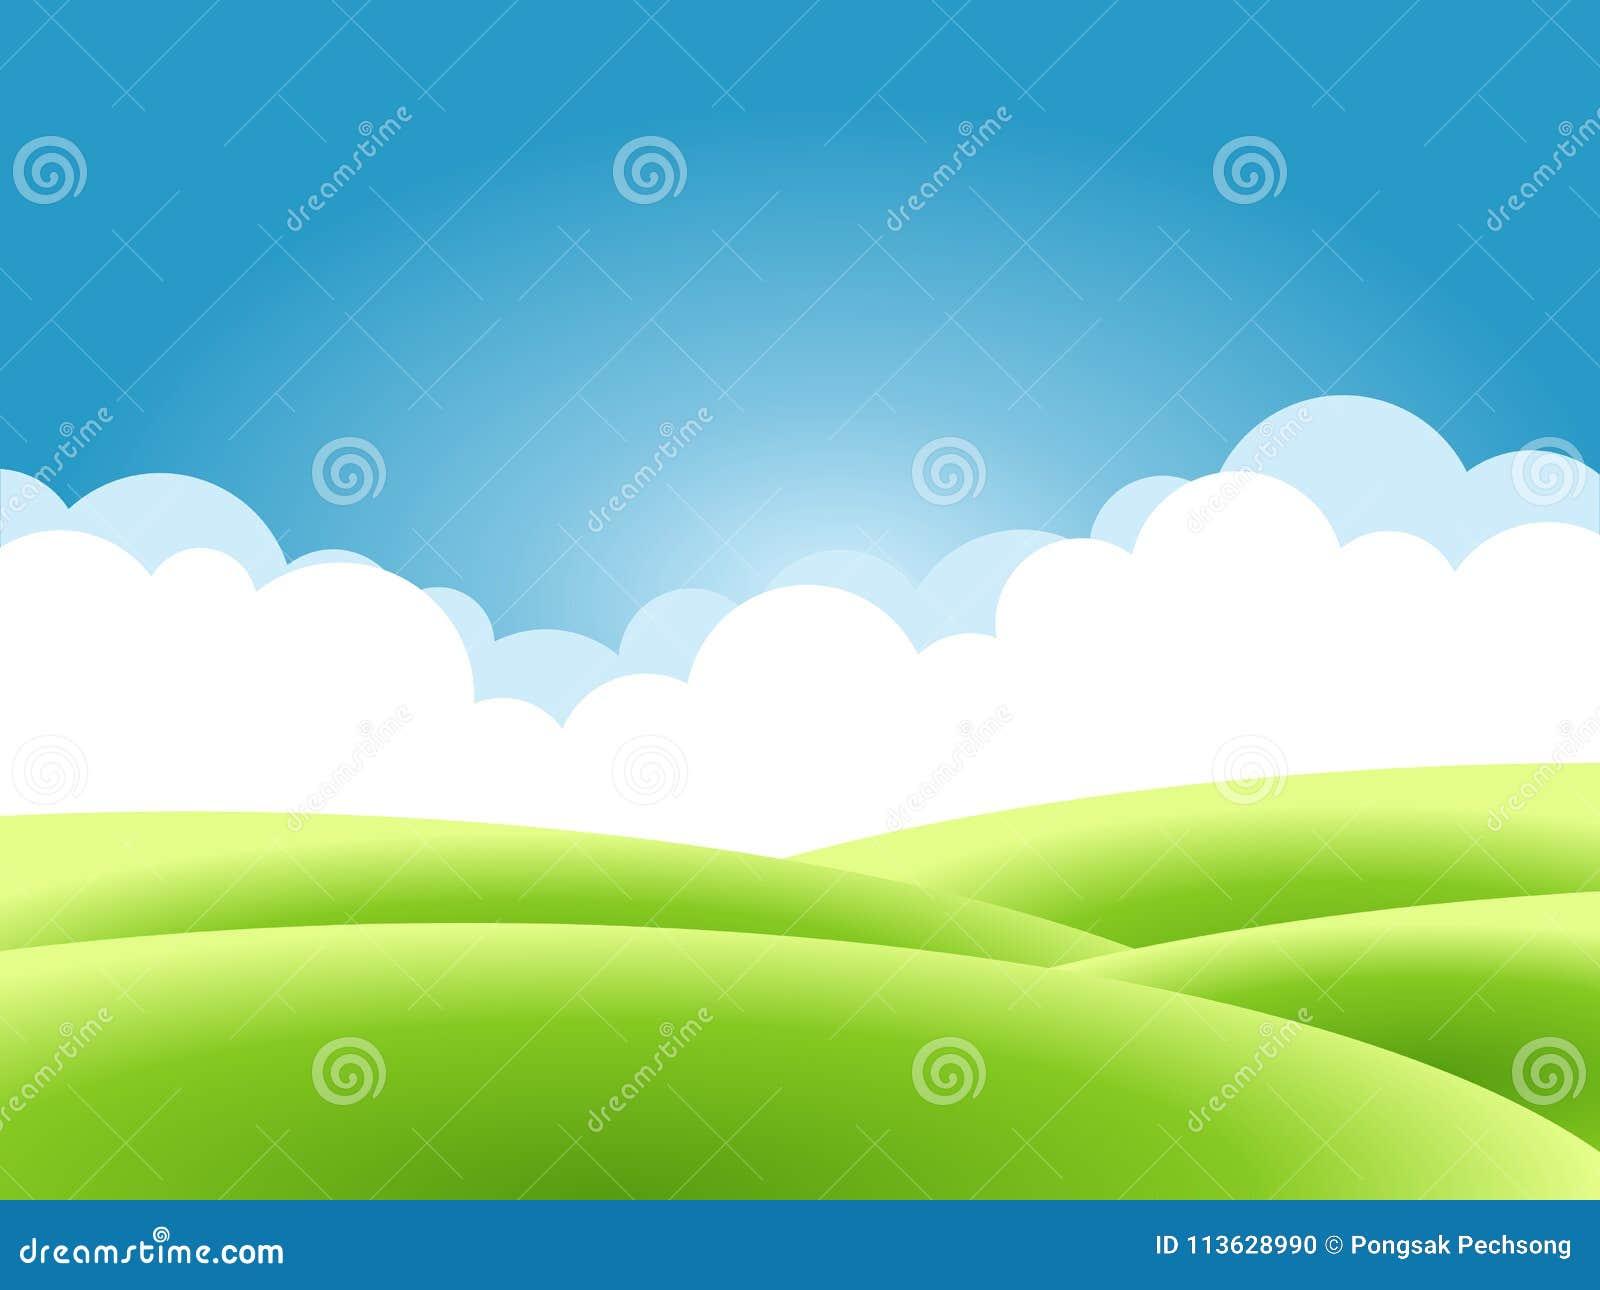 Предпосылка природы лета, ландшафт с зелеными холмами и лугами, голубое небо и облака